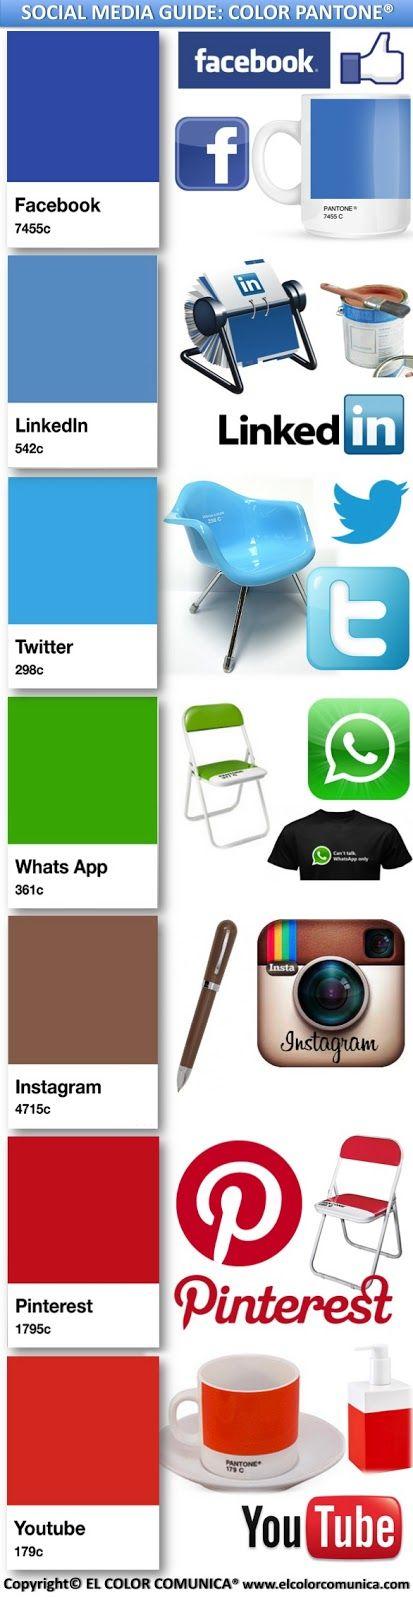 Infografia con los Pantone de las principales redes sociales | Infografia - Las mejores infografias de Internet